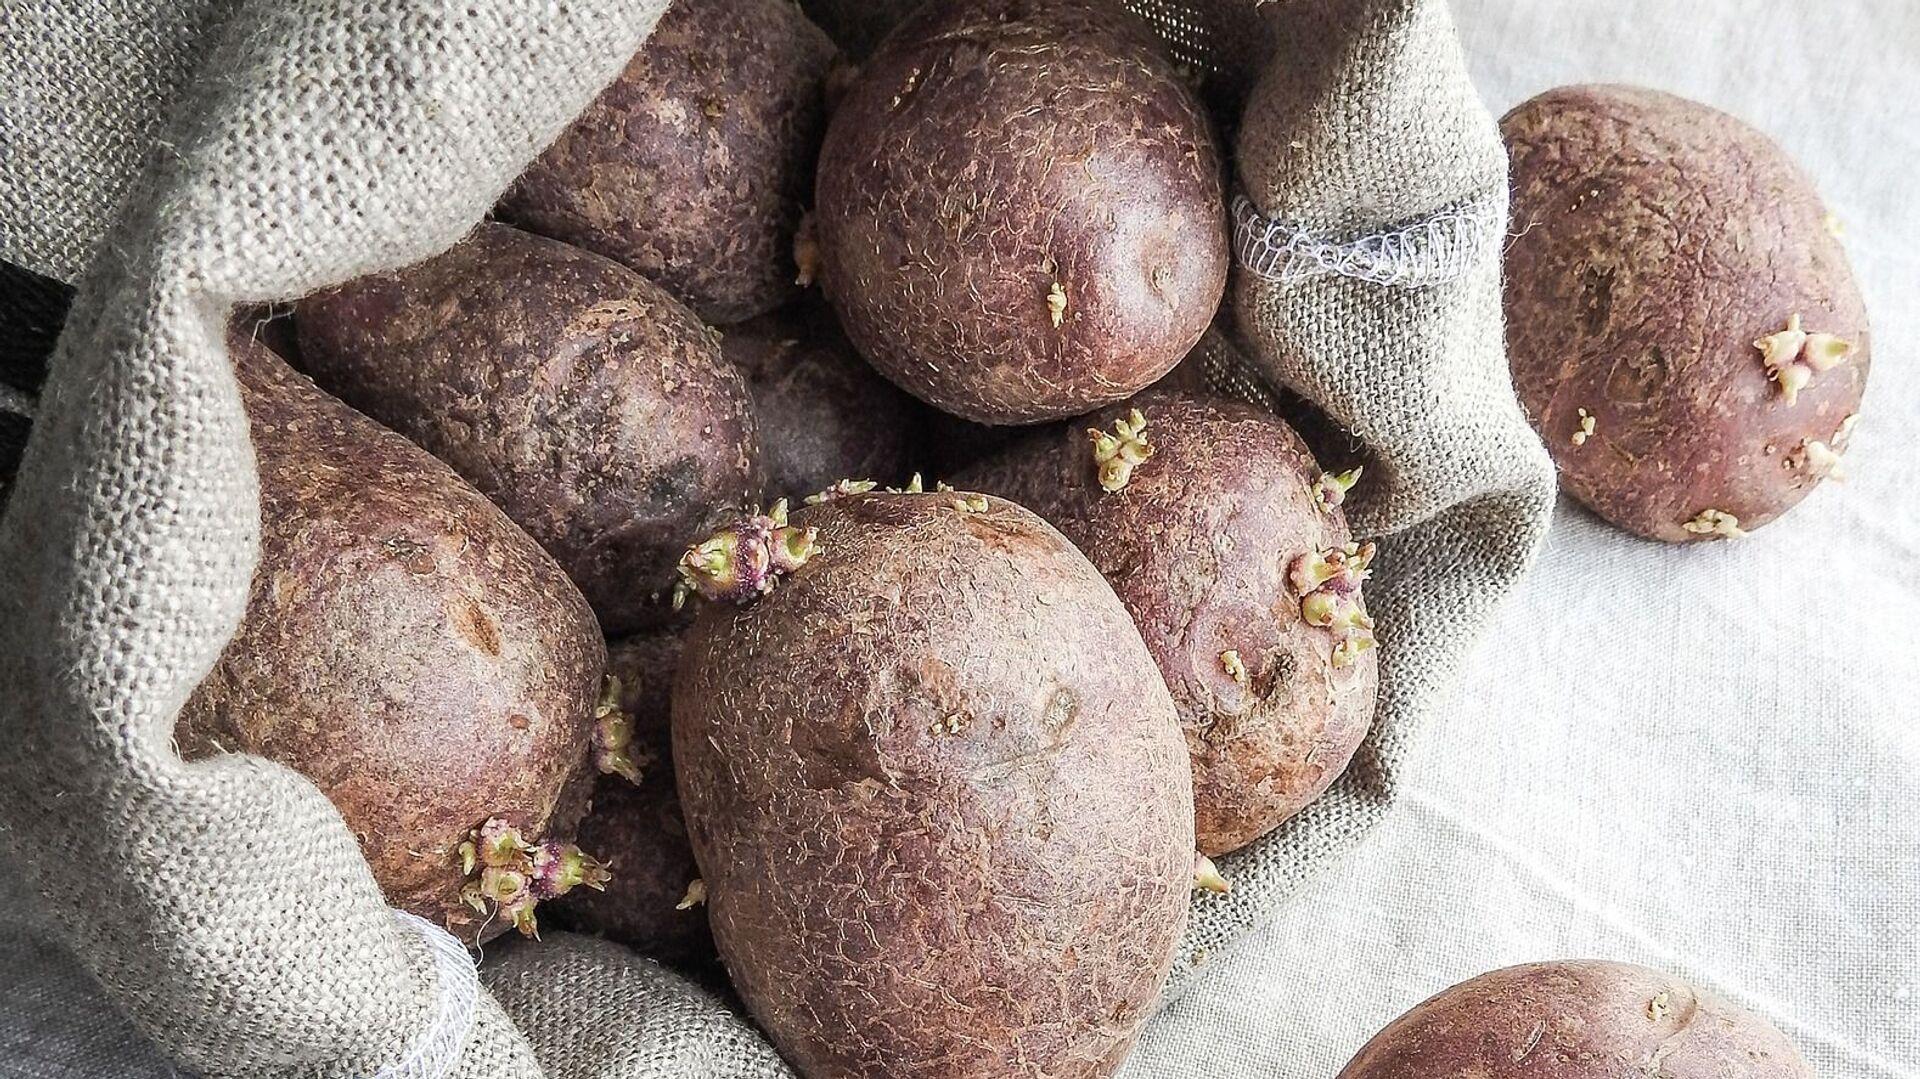 Patatas viejas - Sputnik Mundo, 1920, 03.08.2021